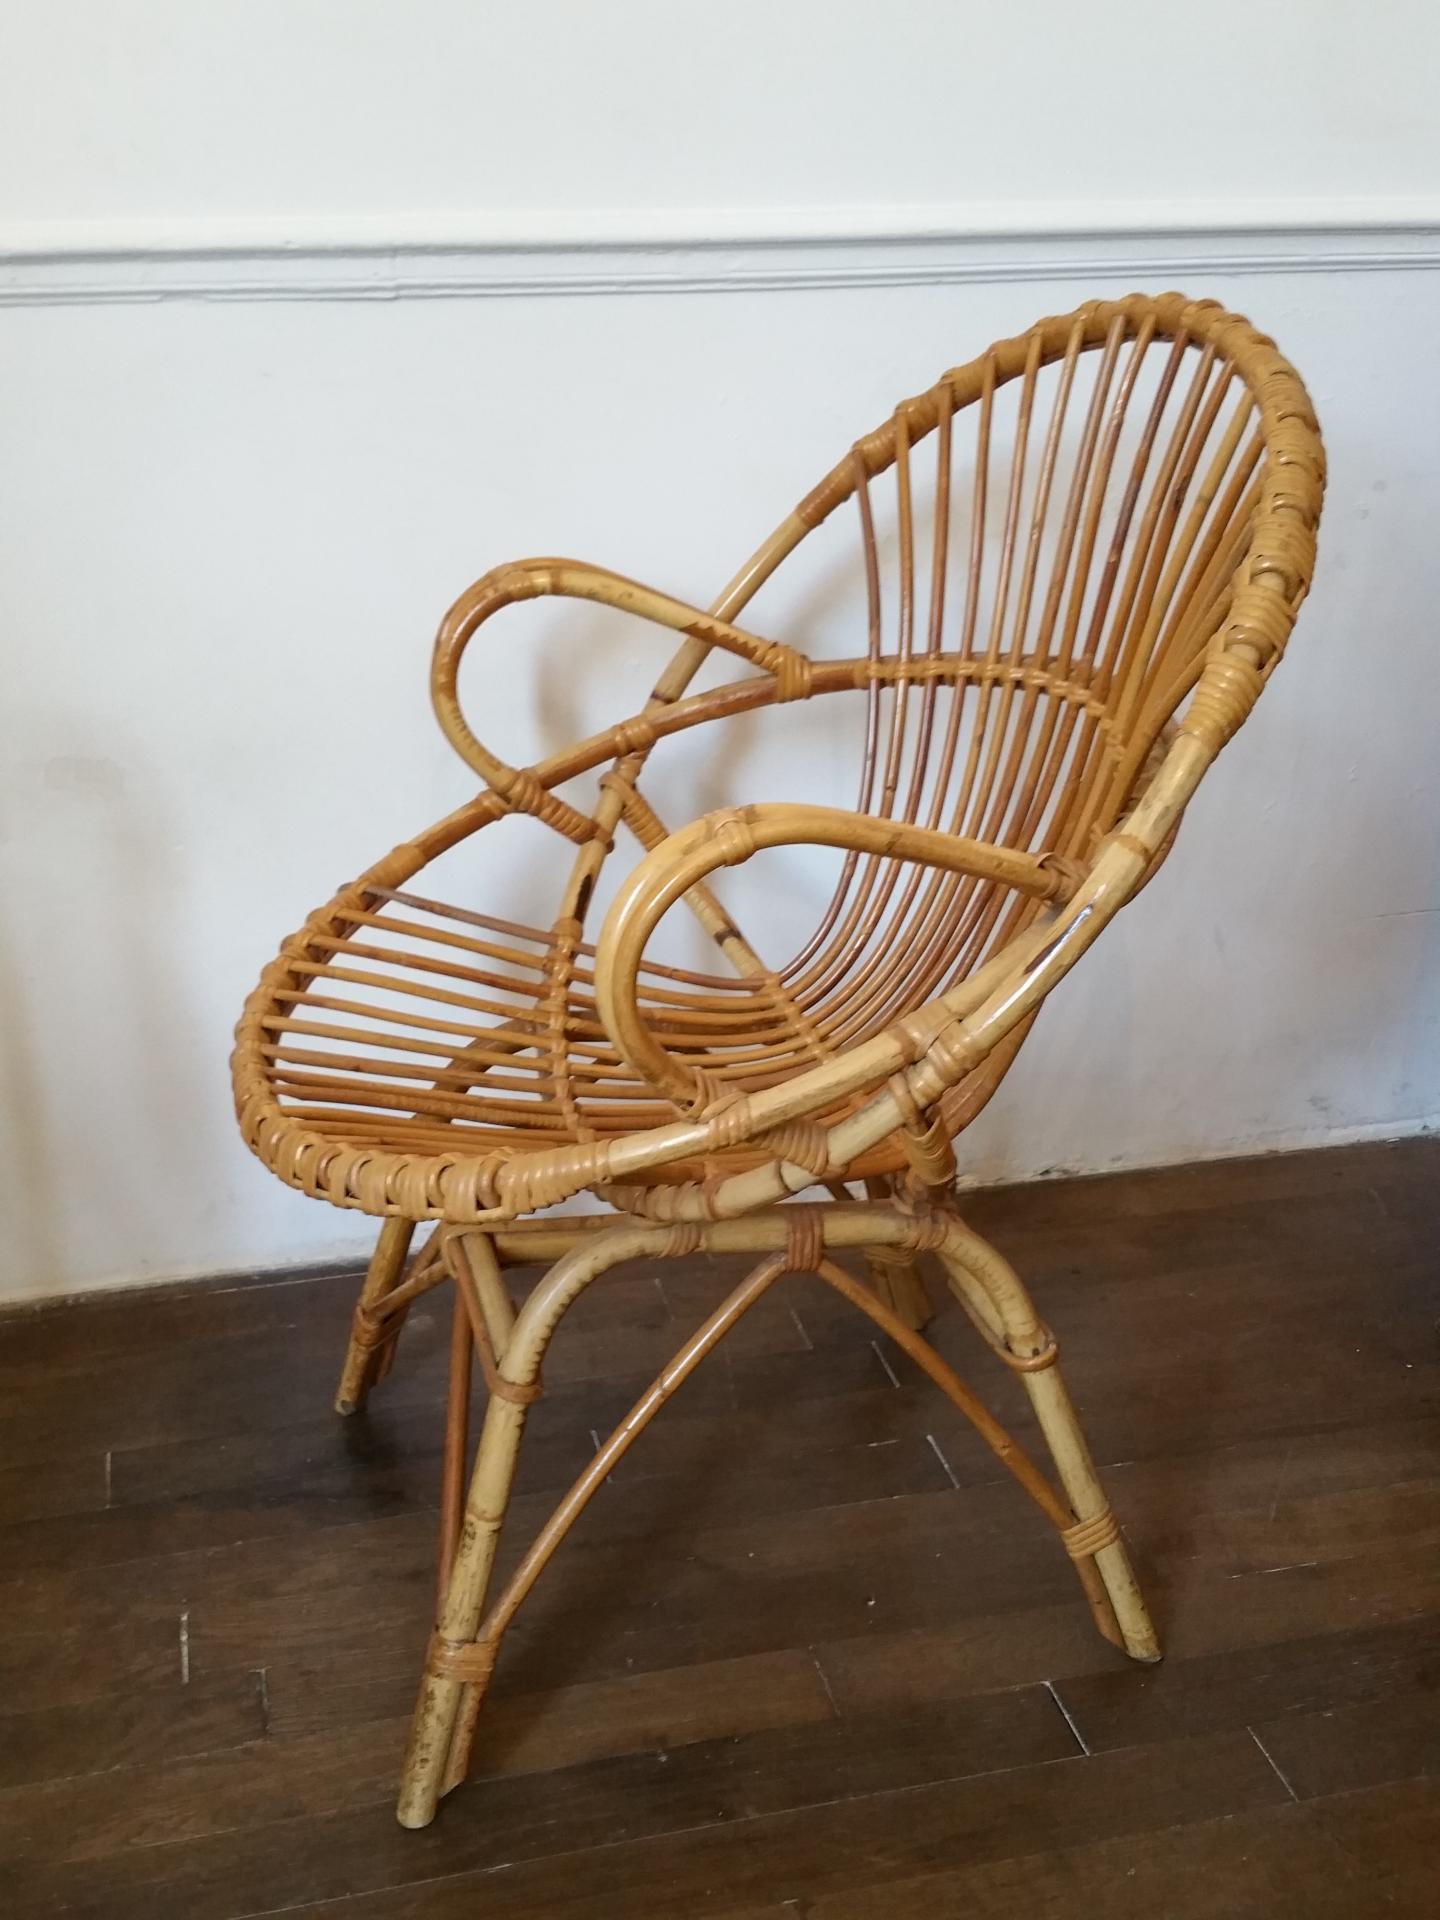 fauteuils en rotin fauteuil vintage fauteuil en osier. Black Bedroom Furniture Sets. Home Design Ideas